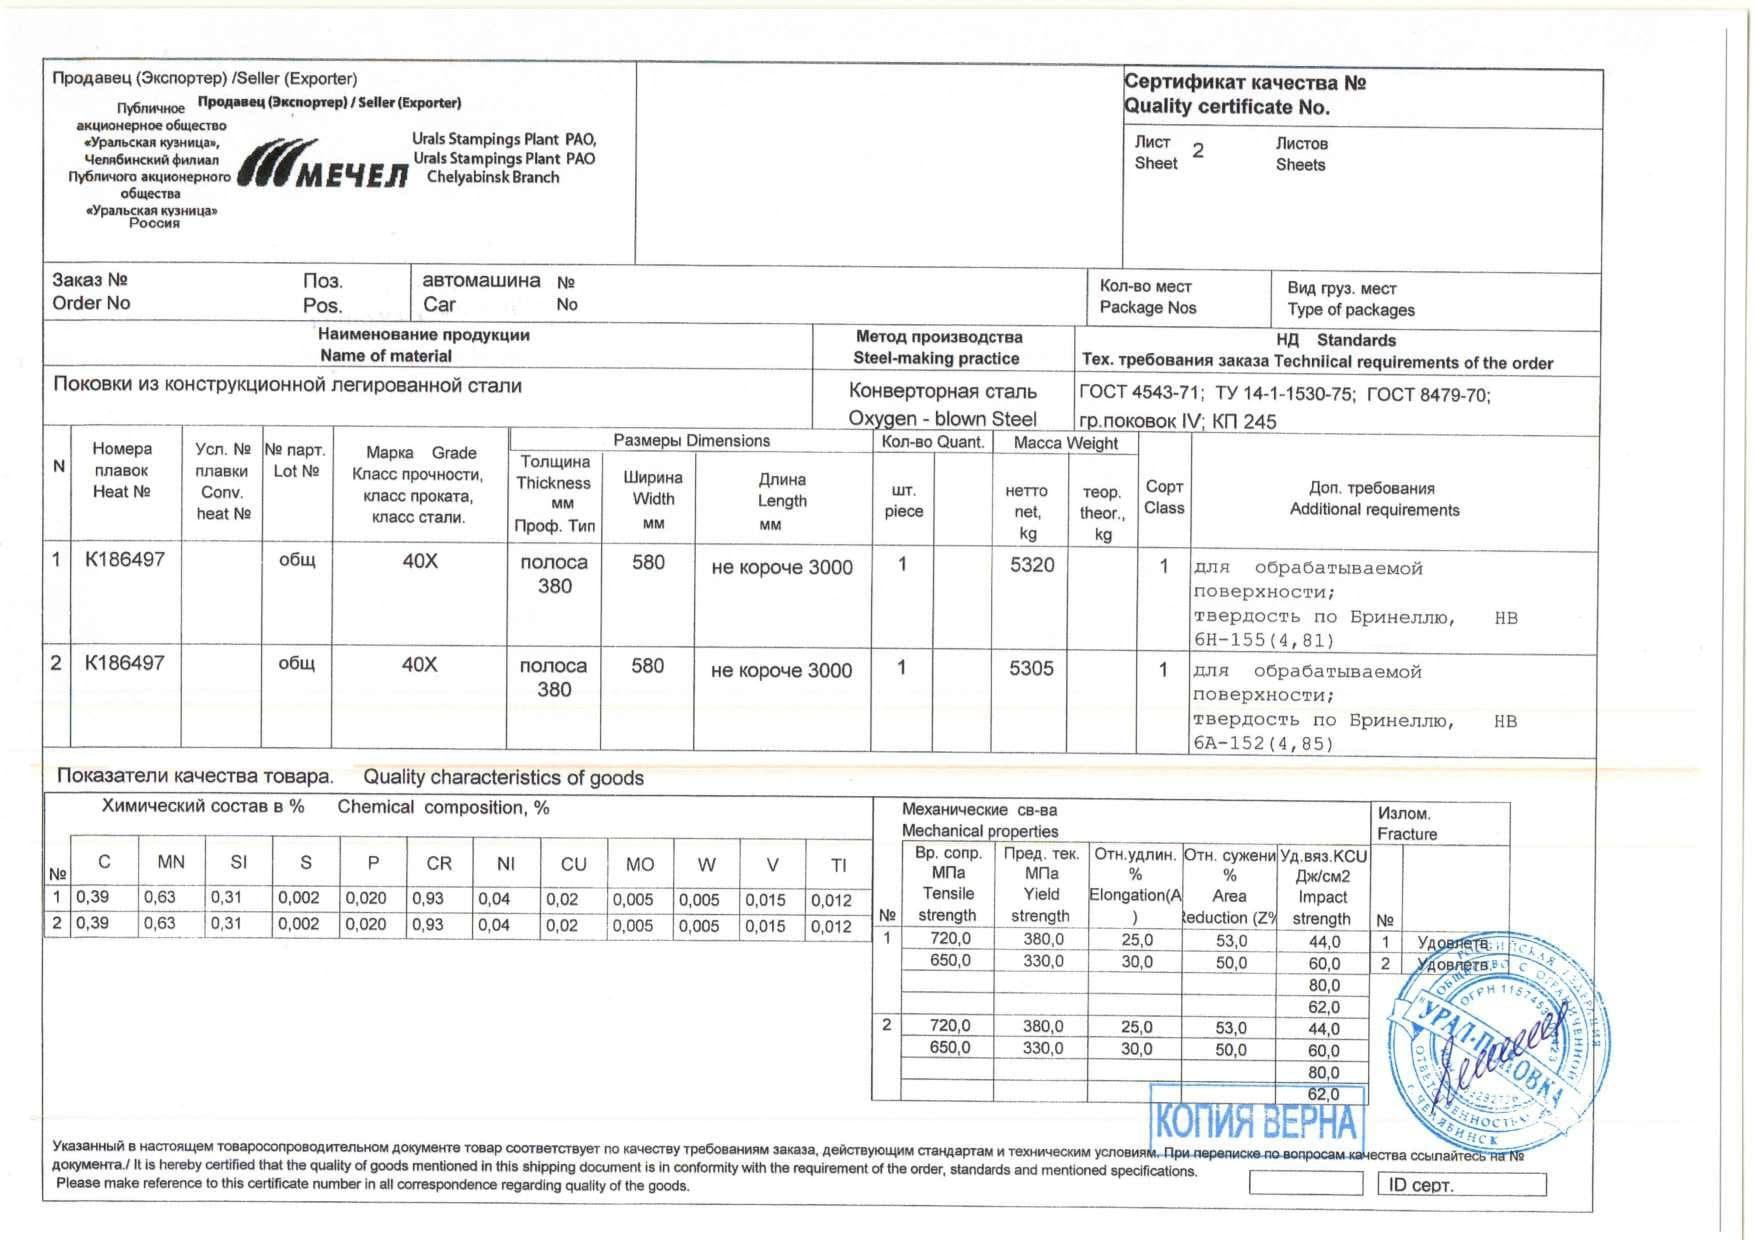 Сертификат поковка 40х